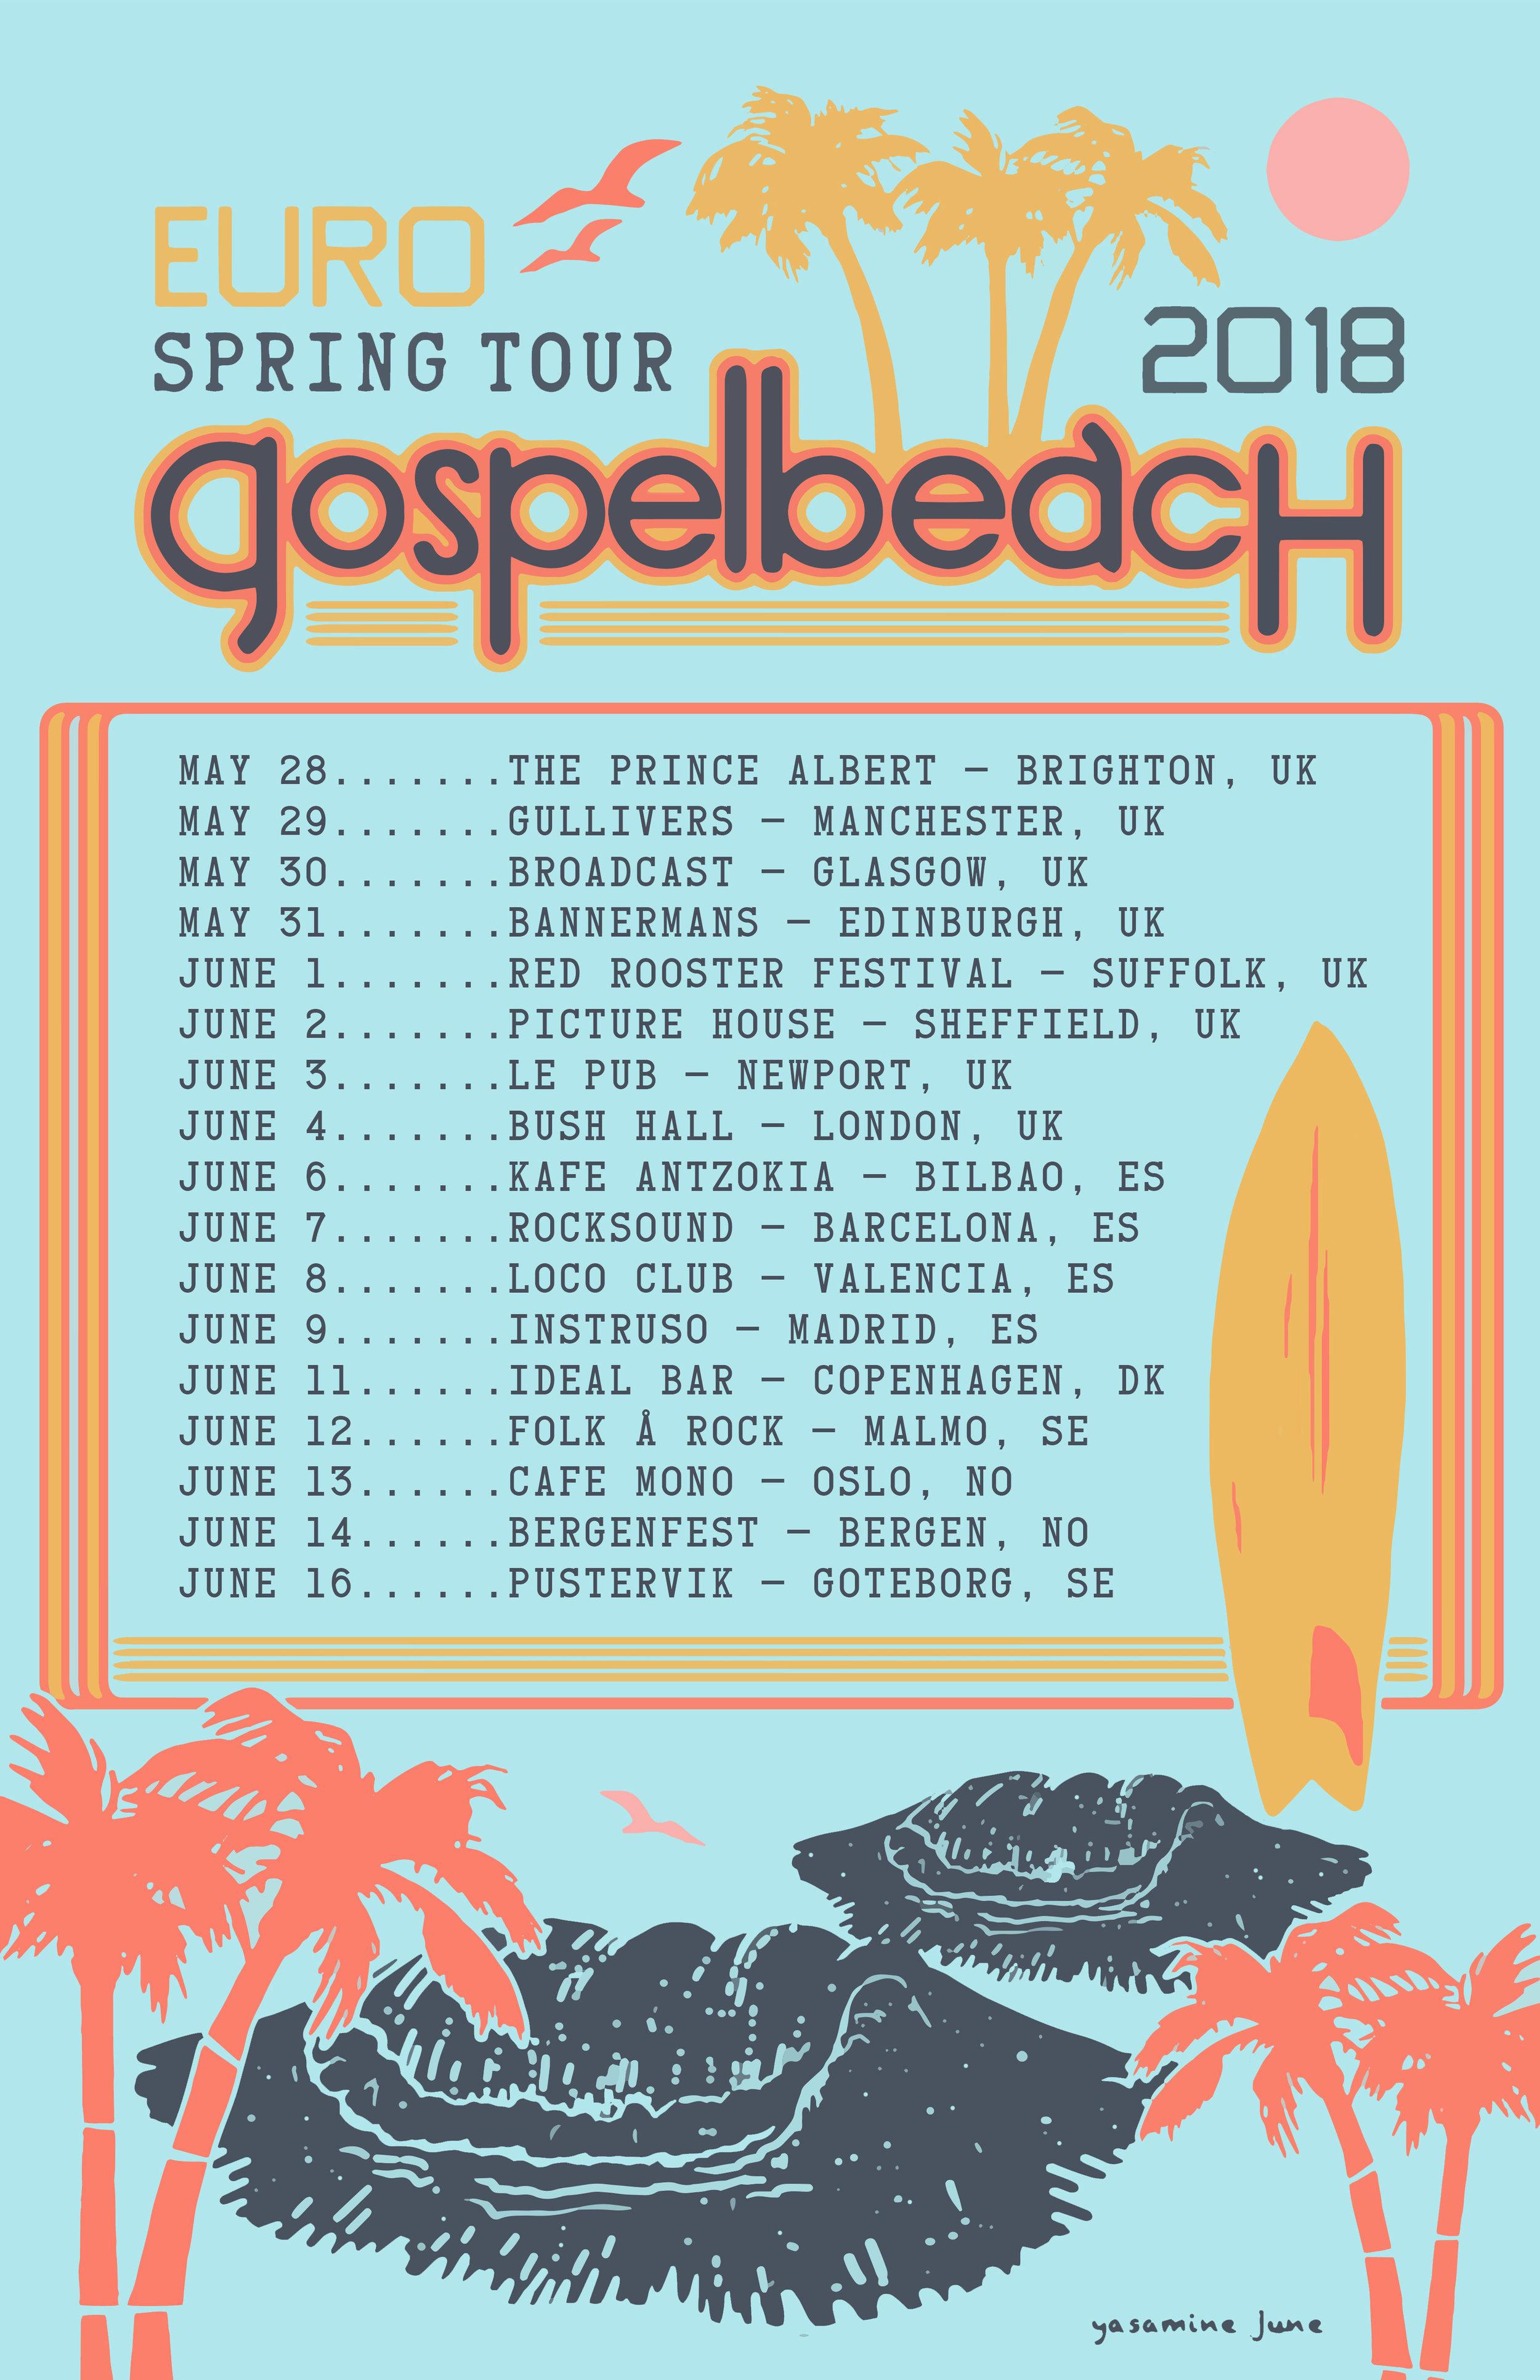 Gospelbeach-SpringEuroTour2018-Poster-for-WEB.jpg